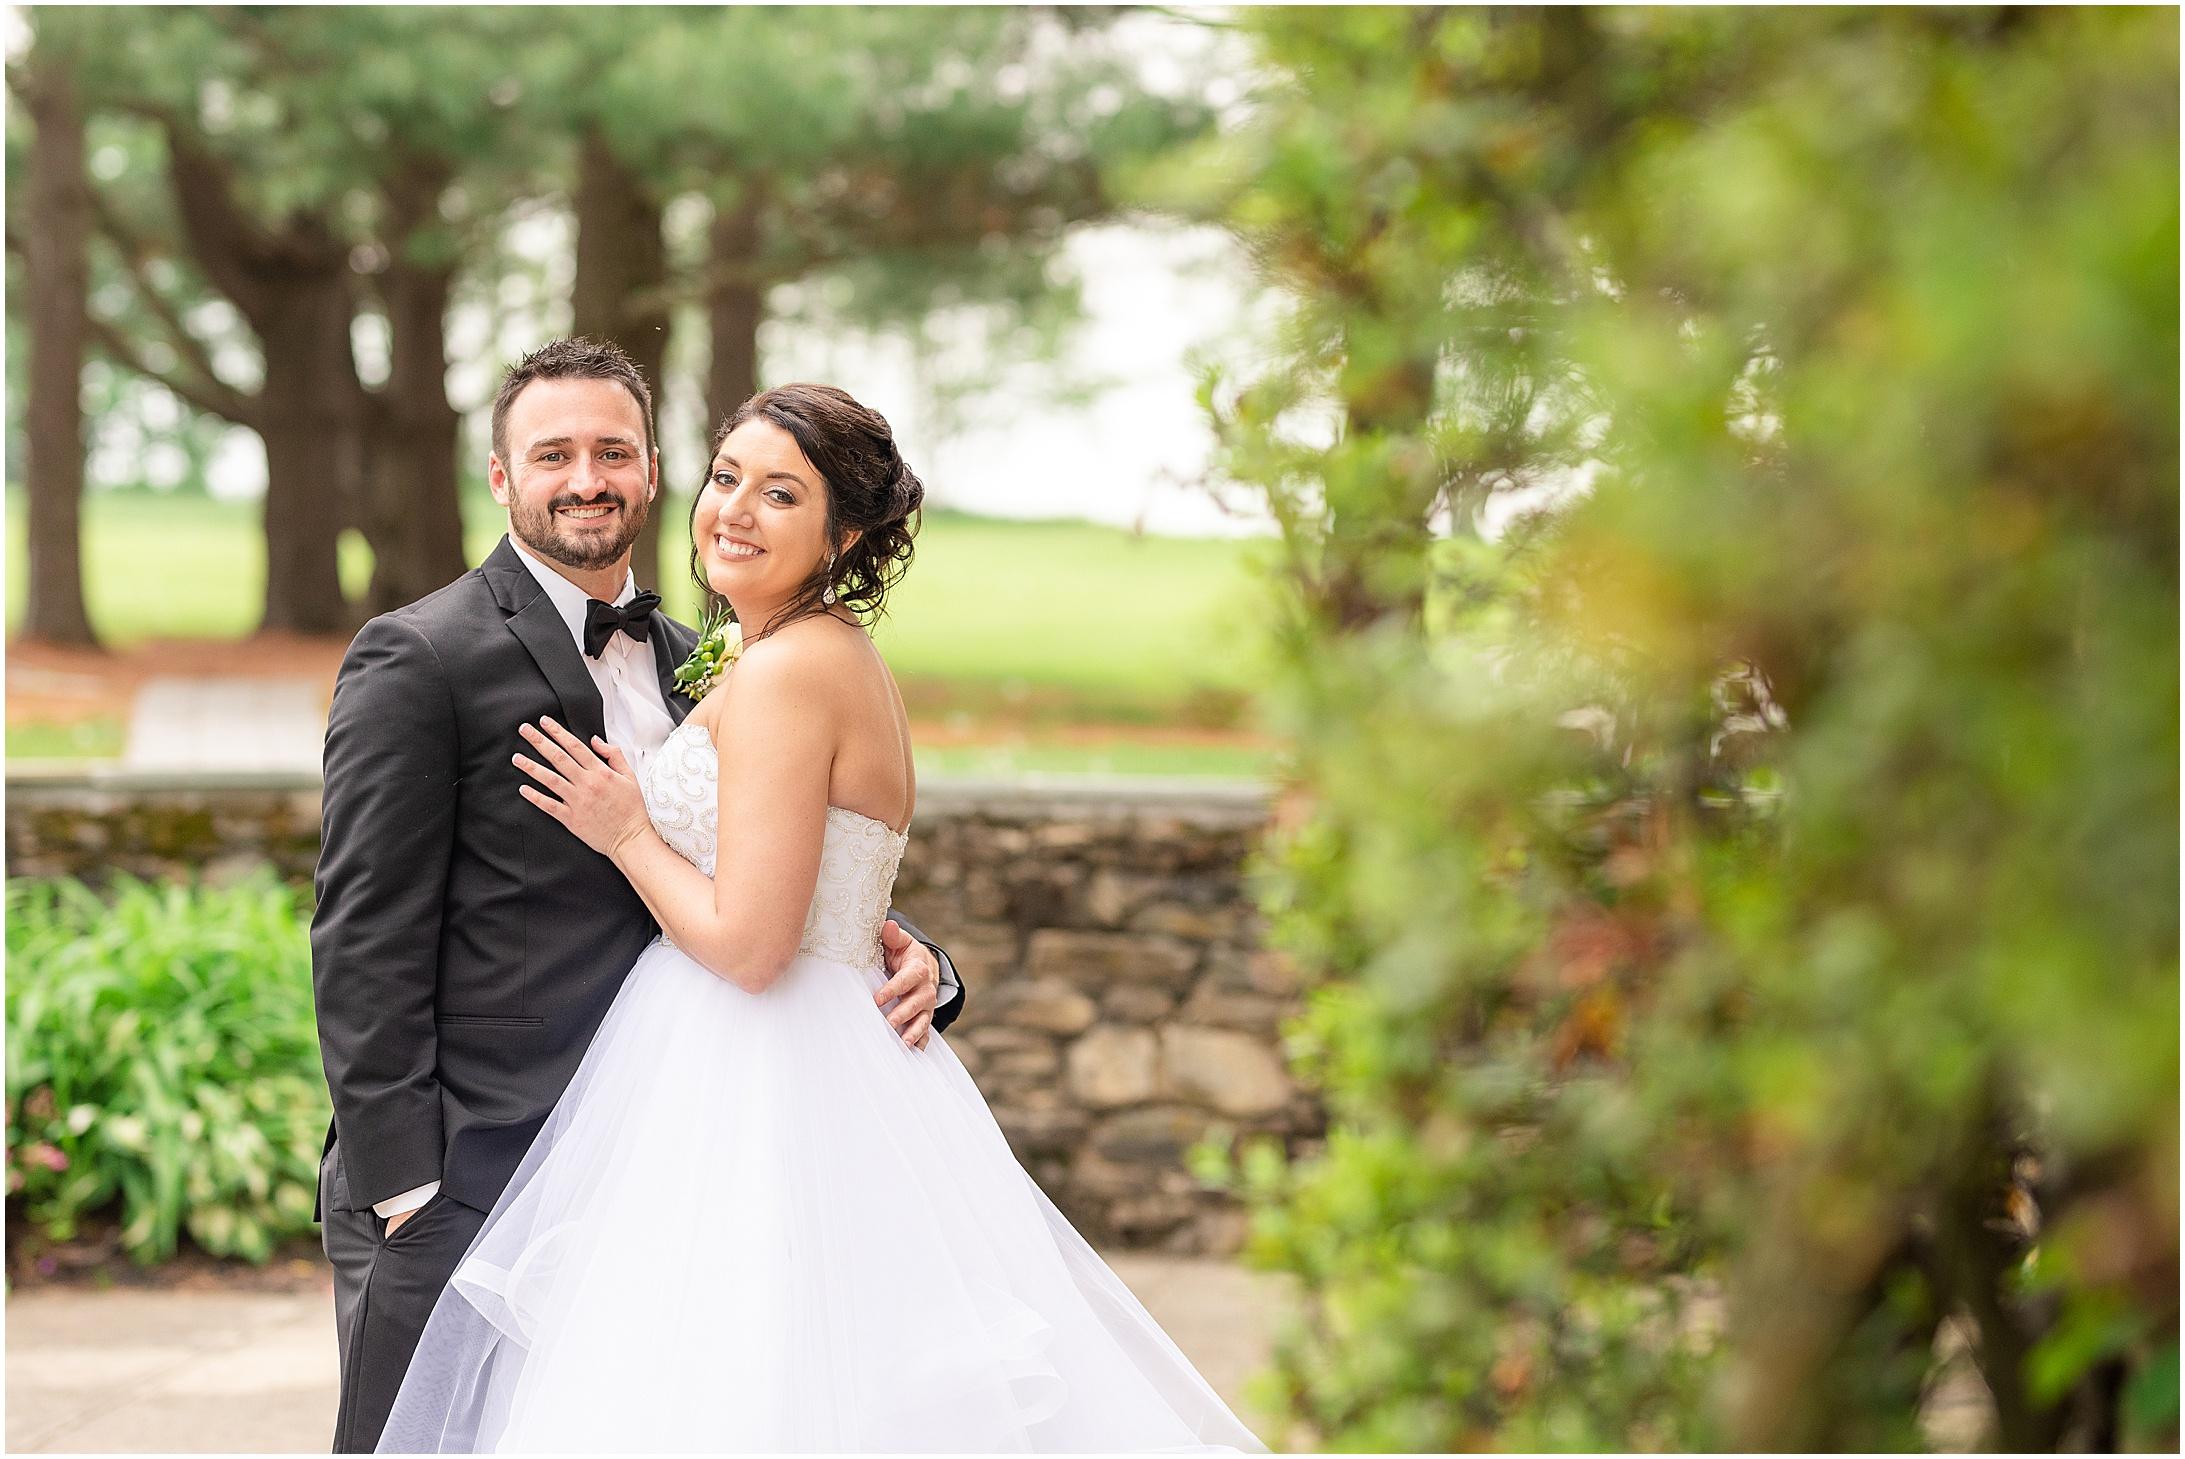 Stone-manor-country-club-wedding-photos-130.jpg